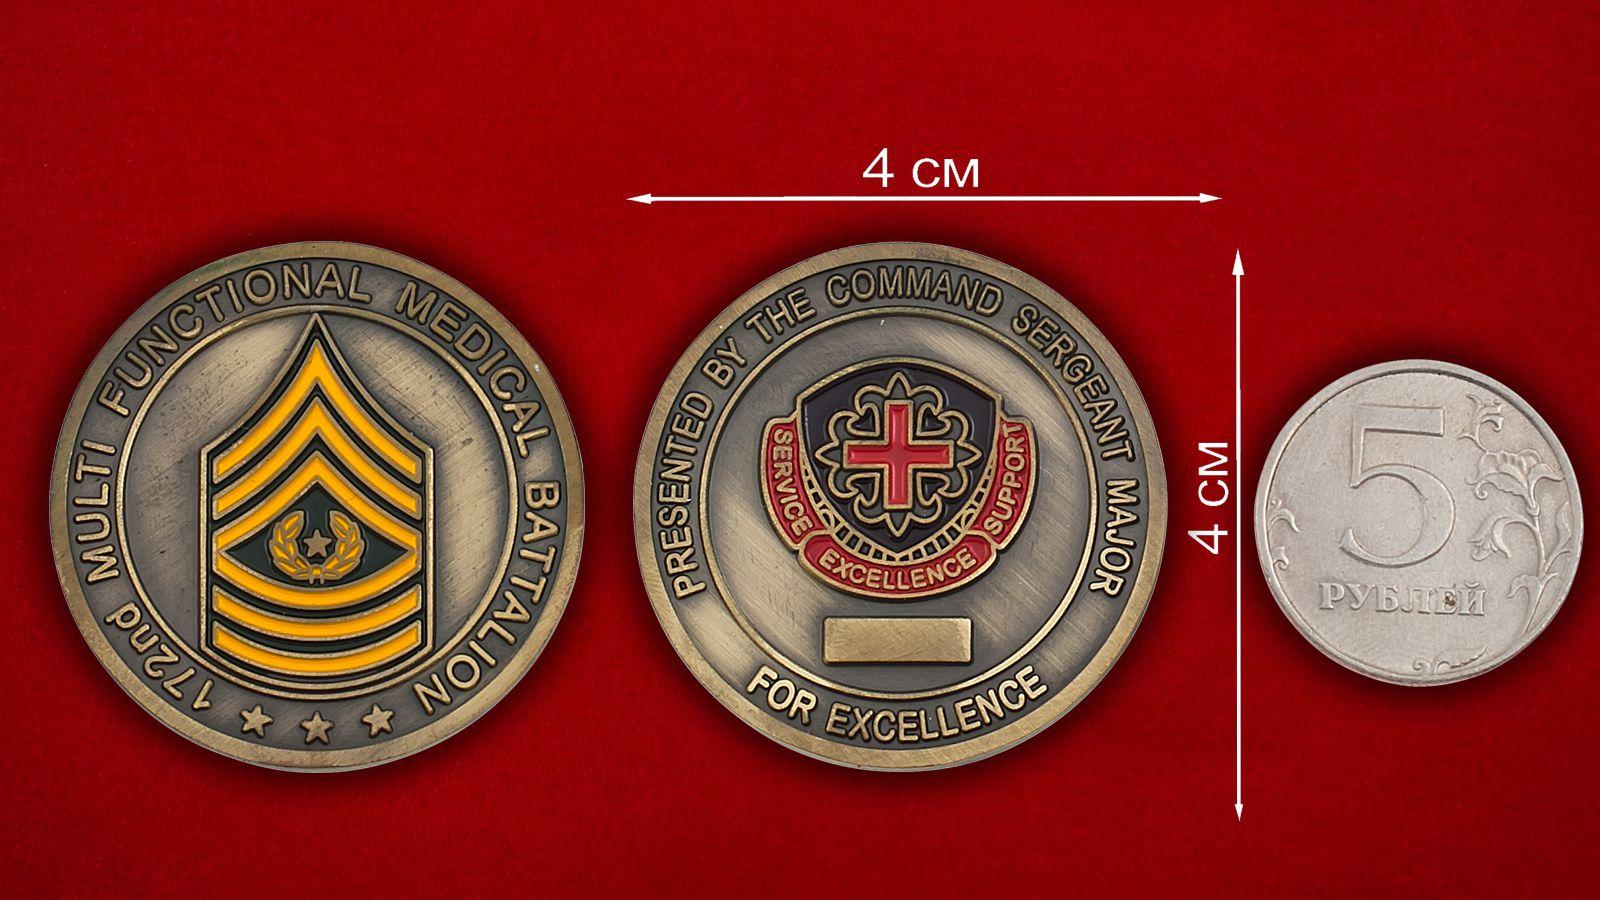 """Челлендж коин """"172-му медицинскому батальону от командования"""" - сравнительный размер"""